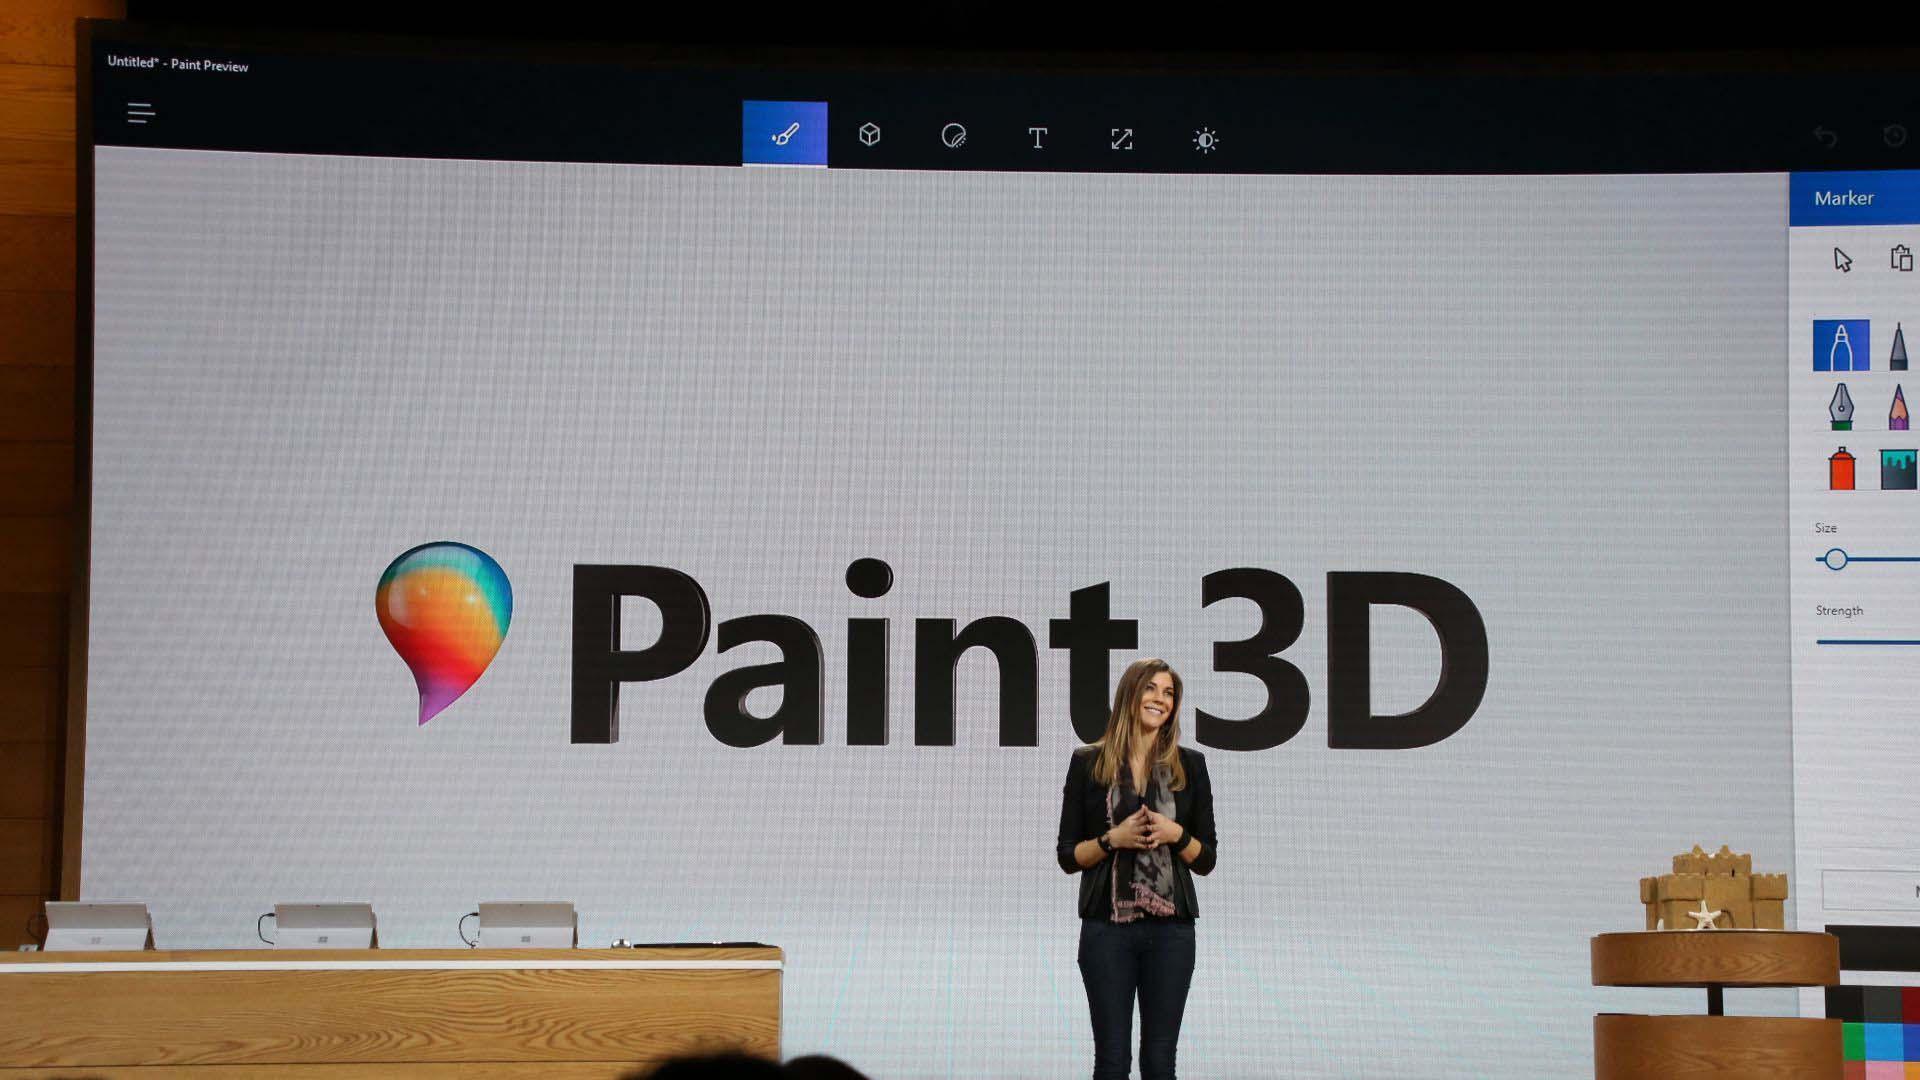 La empresa creada por Bill Gates, está trabajando junto a Khronos en la elaboración de una nueva extensión 3D